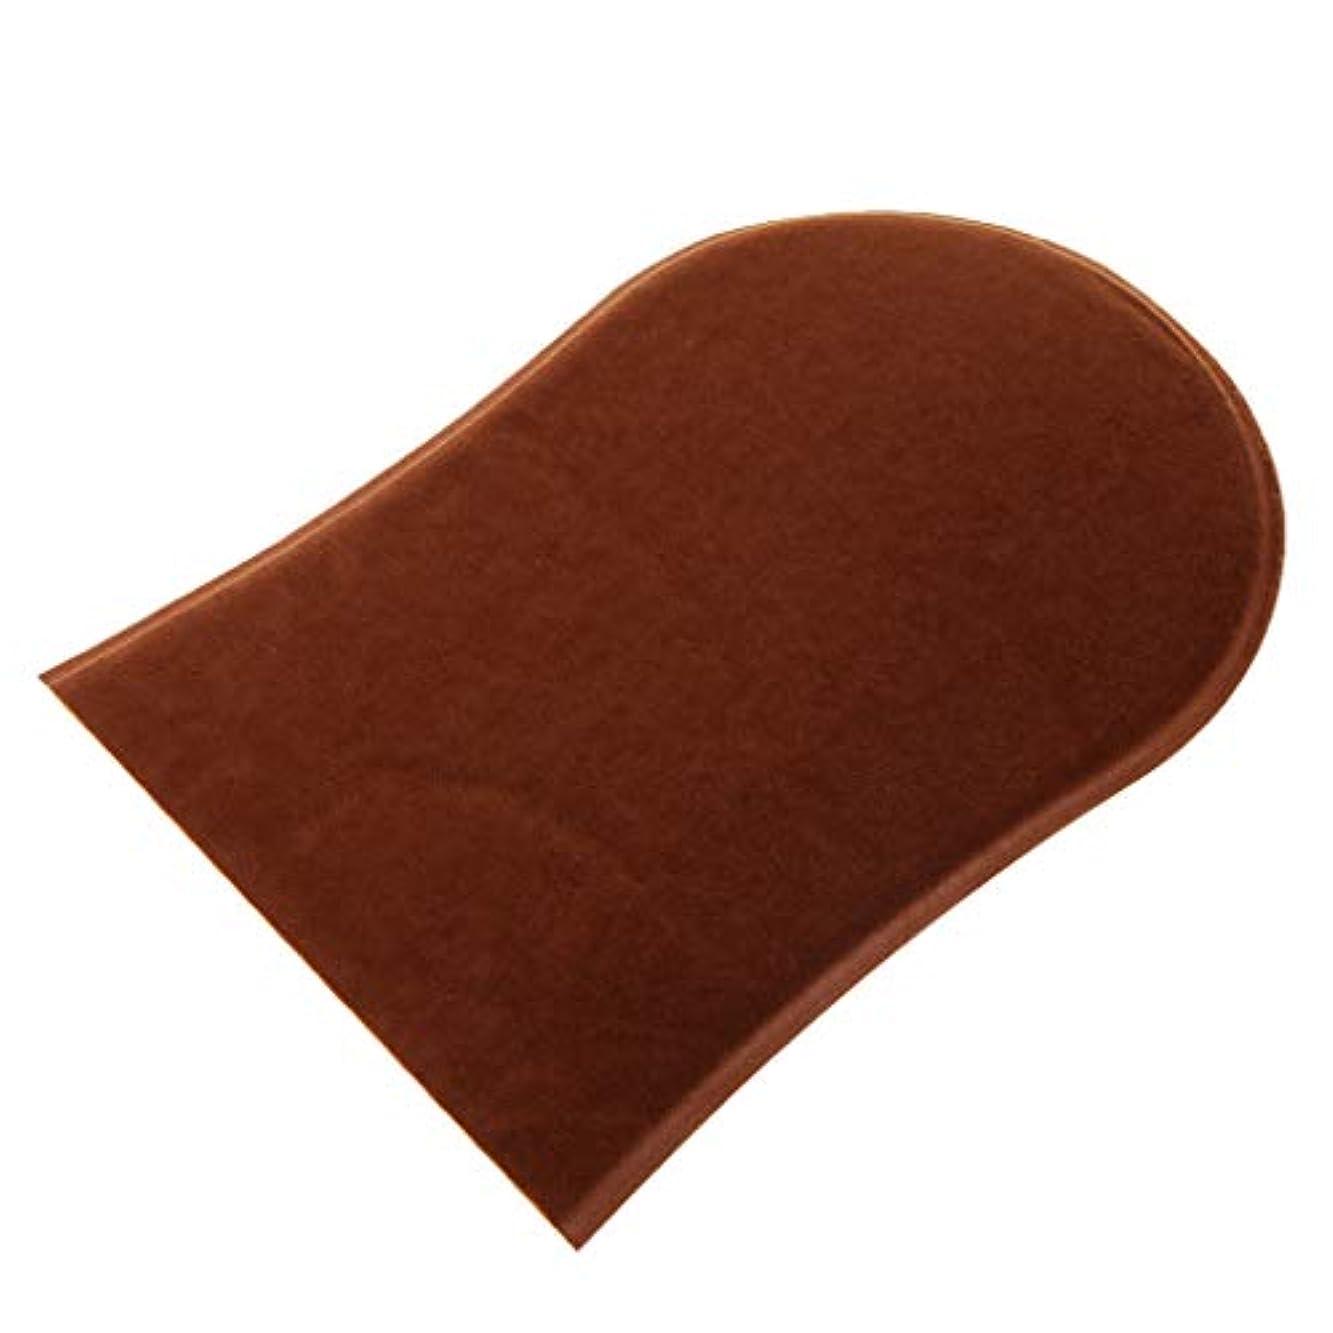 以内に損傷交差点T TOOYFUL 手袋 防水 再利用可能 滑らか ハンドケア セルフタンニング 両面 約19*12cm